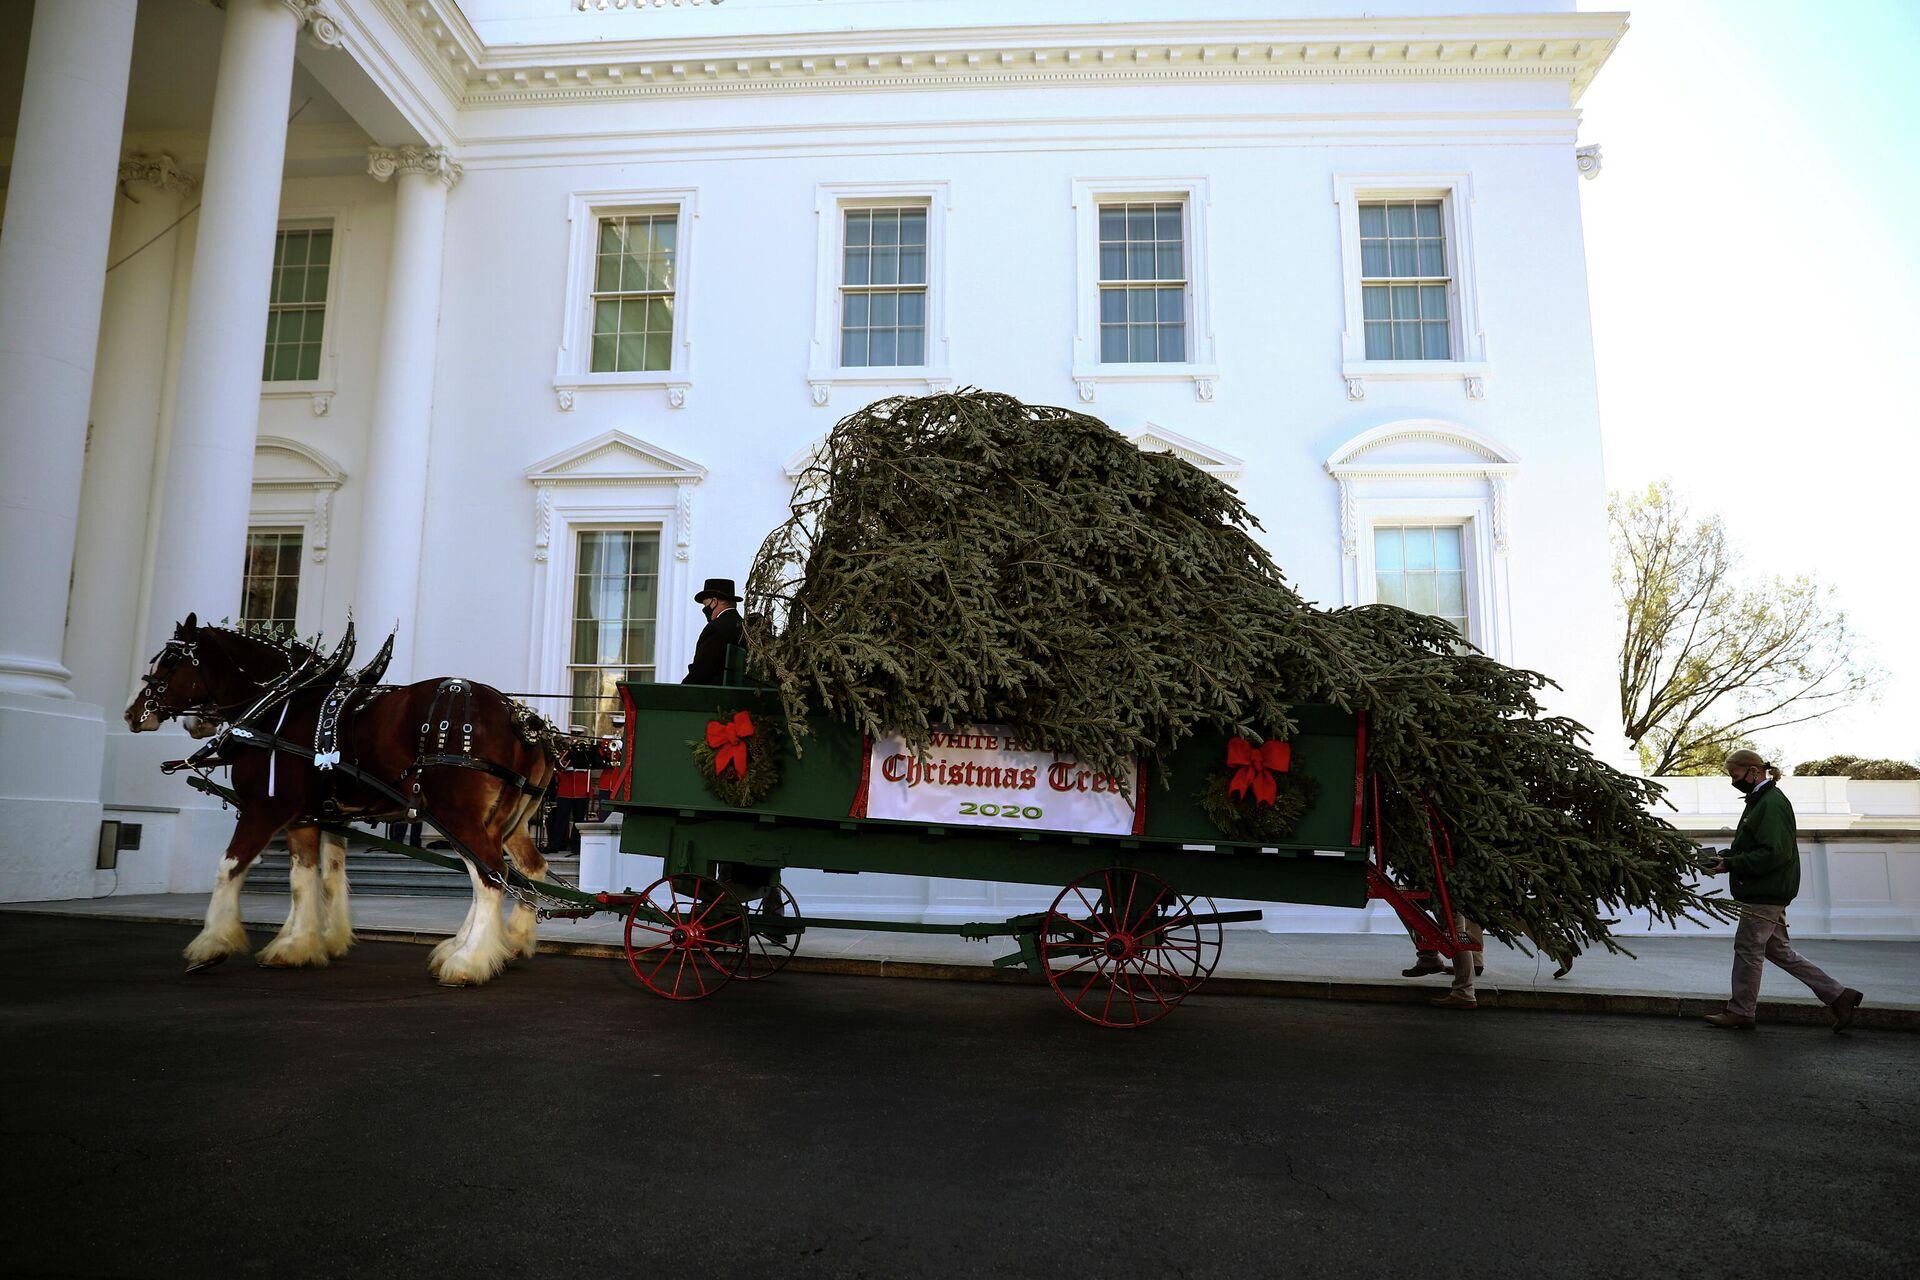 Доставка рождественской ели в Белый дом, Вашингтон  - РИА Новости, 1920, 25.11.2020